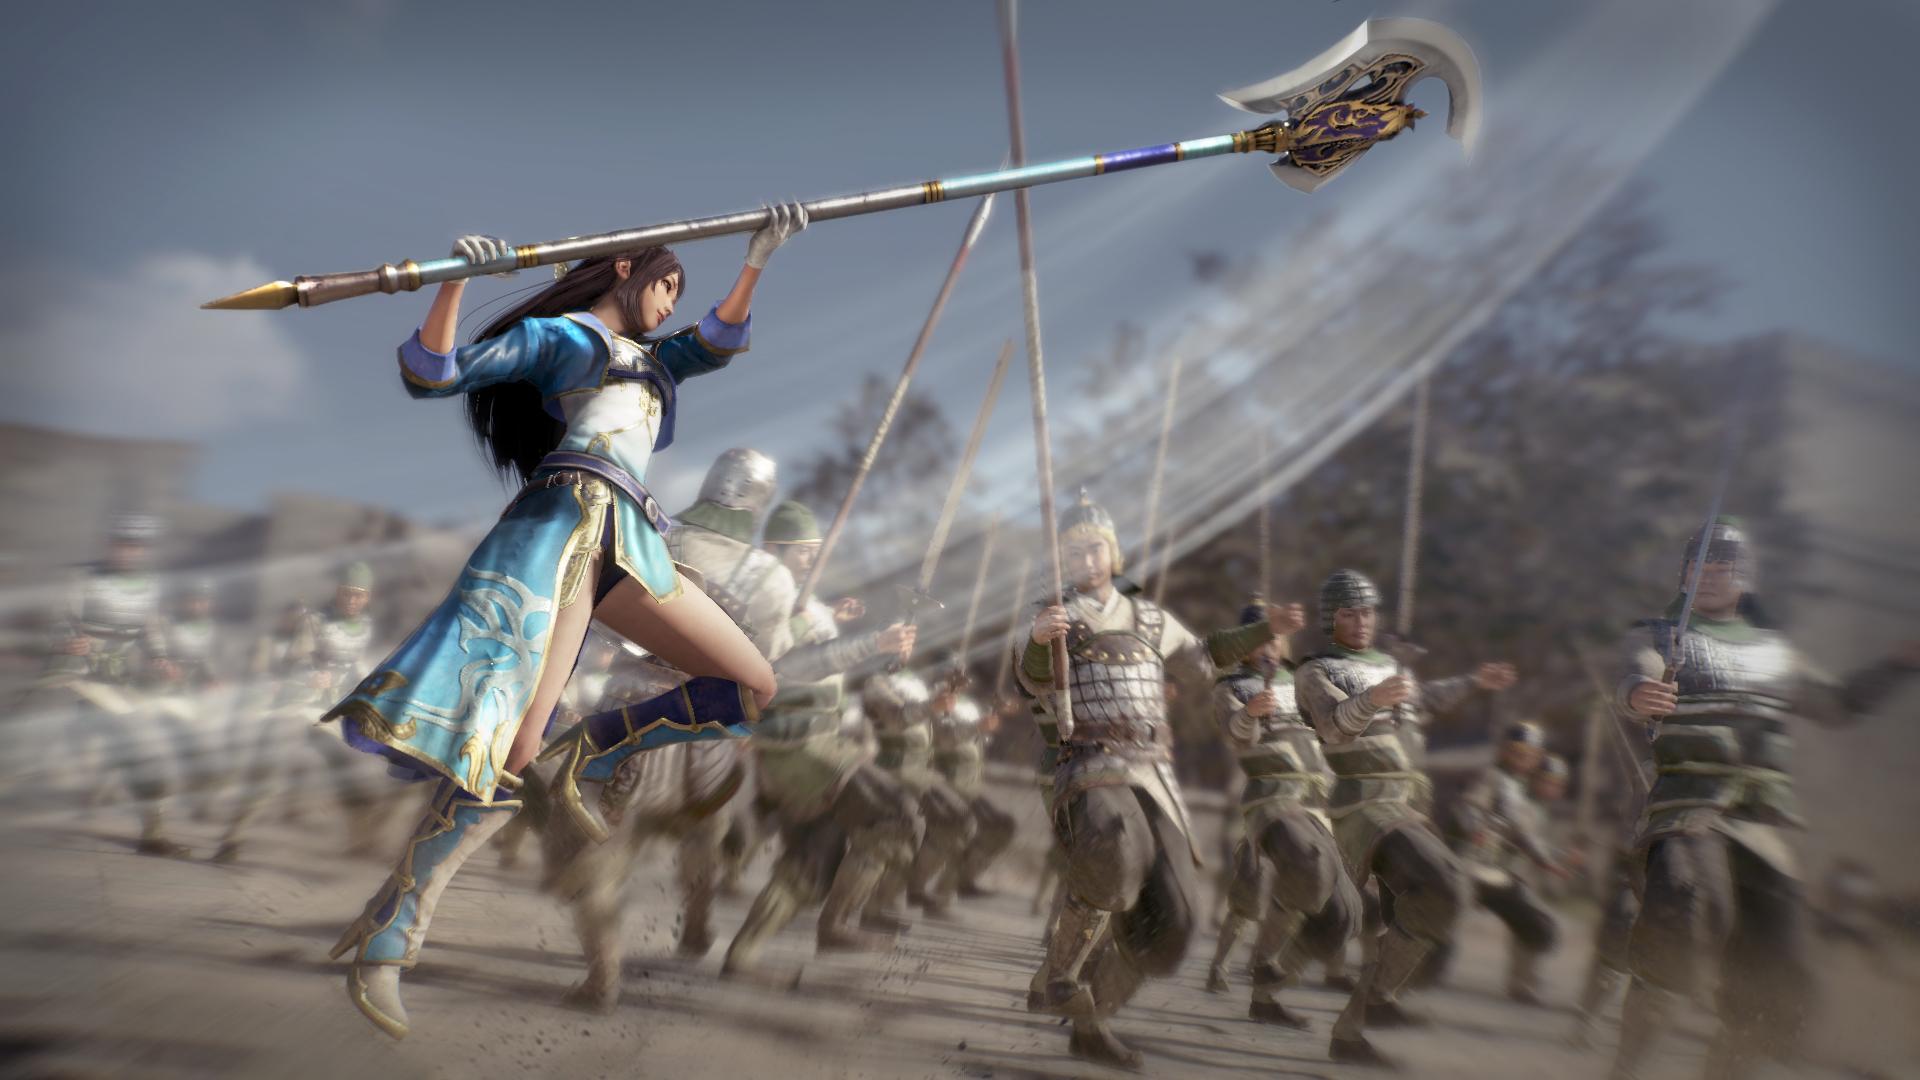 Dynasty Warriors 9 - X35 Earthwalker